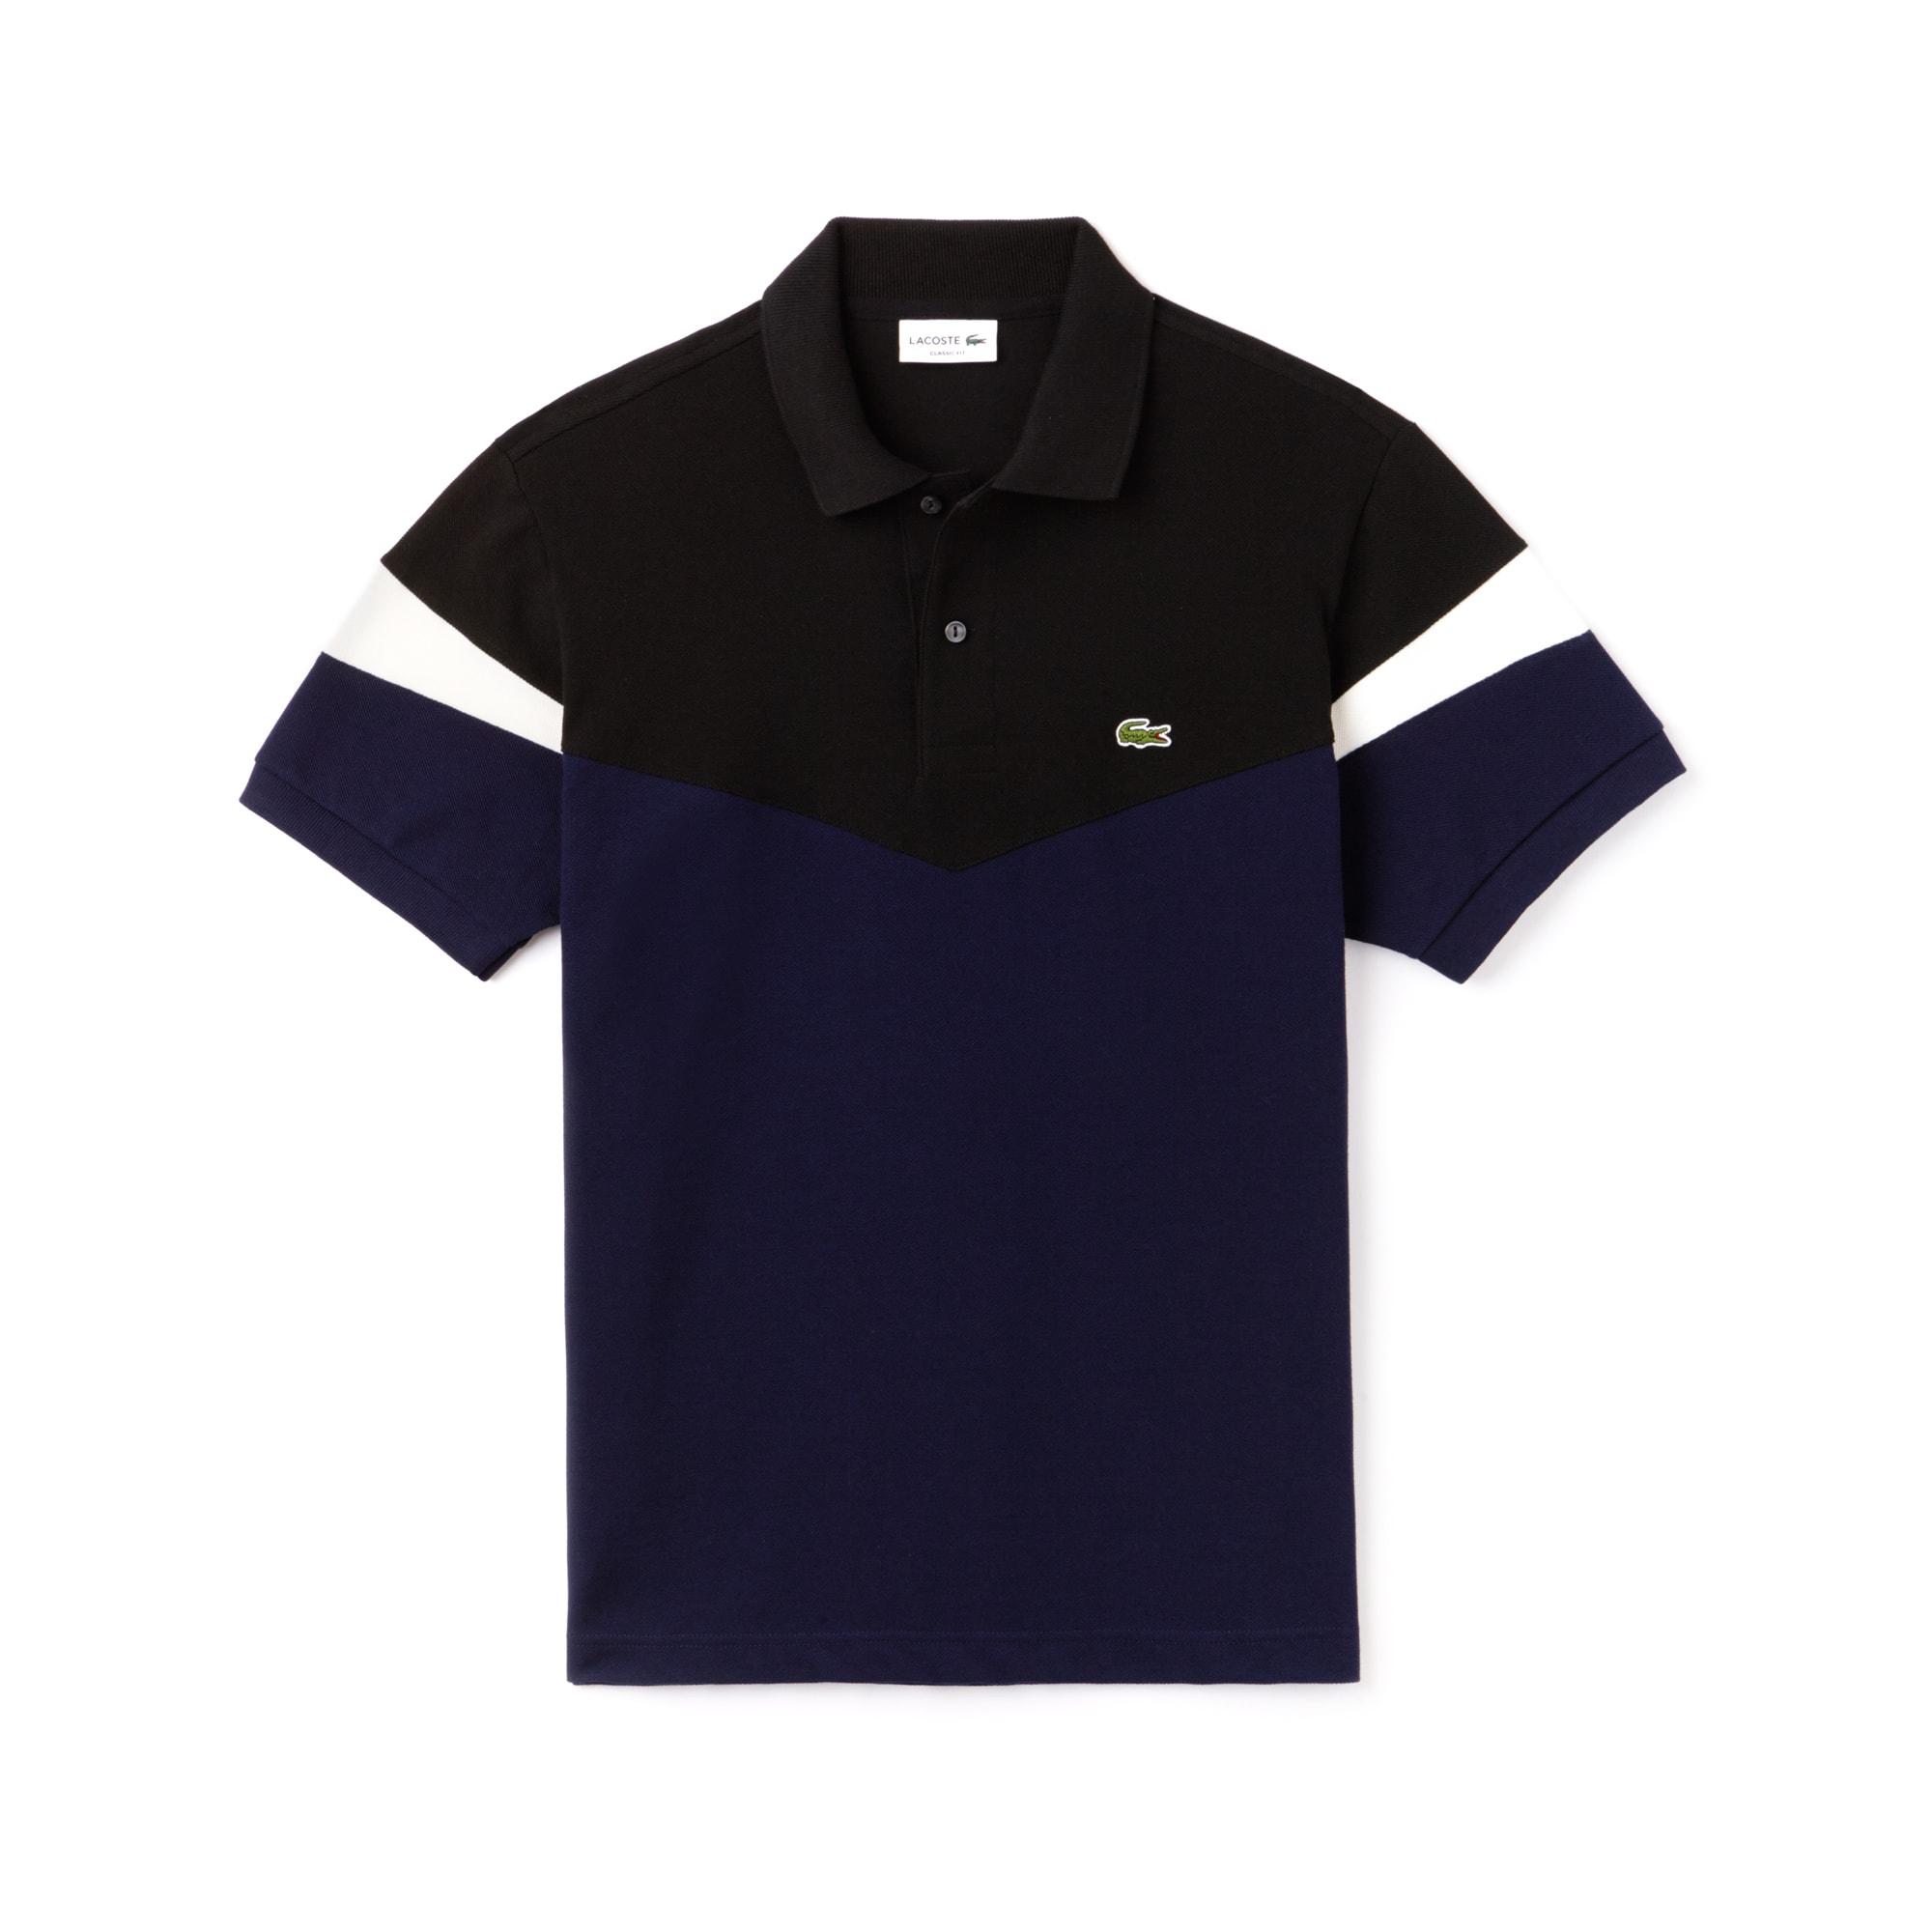 라코스테 Lacoste Mens Classic Fit Colorblock Cotton Petit Pique Polo,navy blue/black-flour